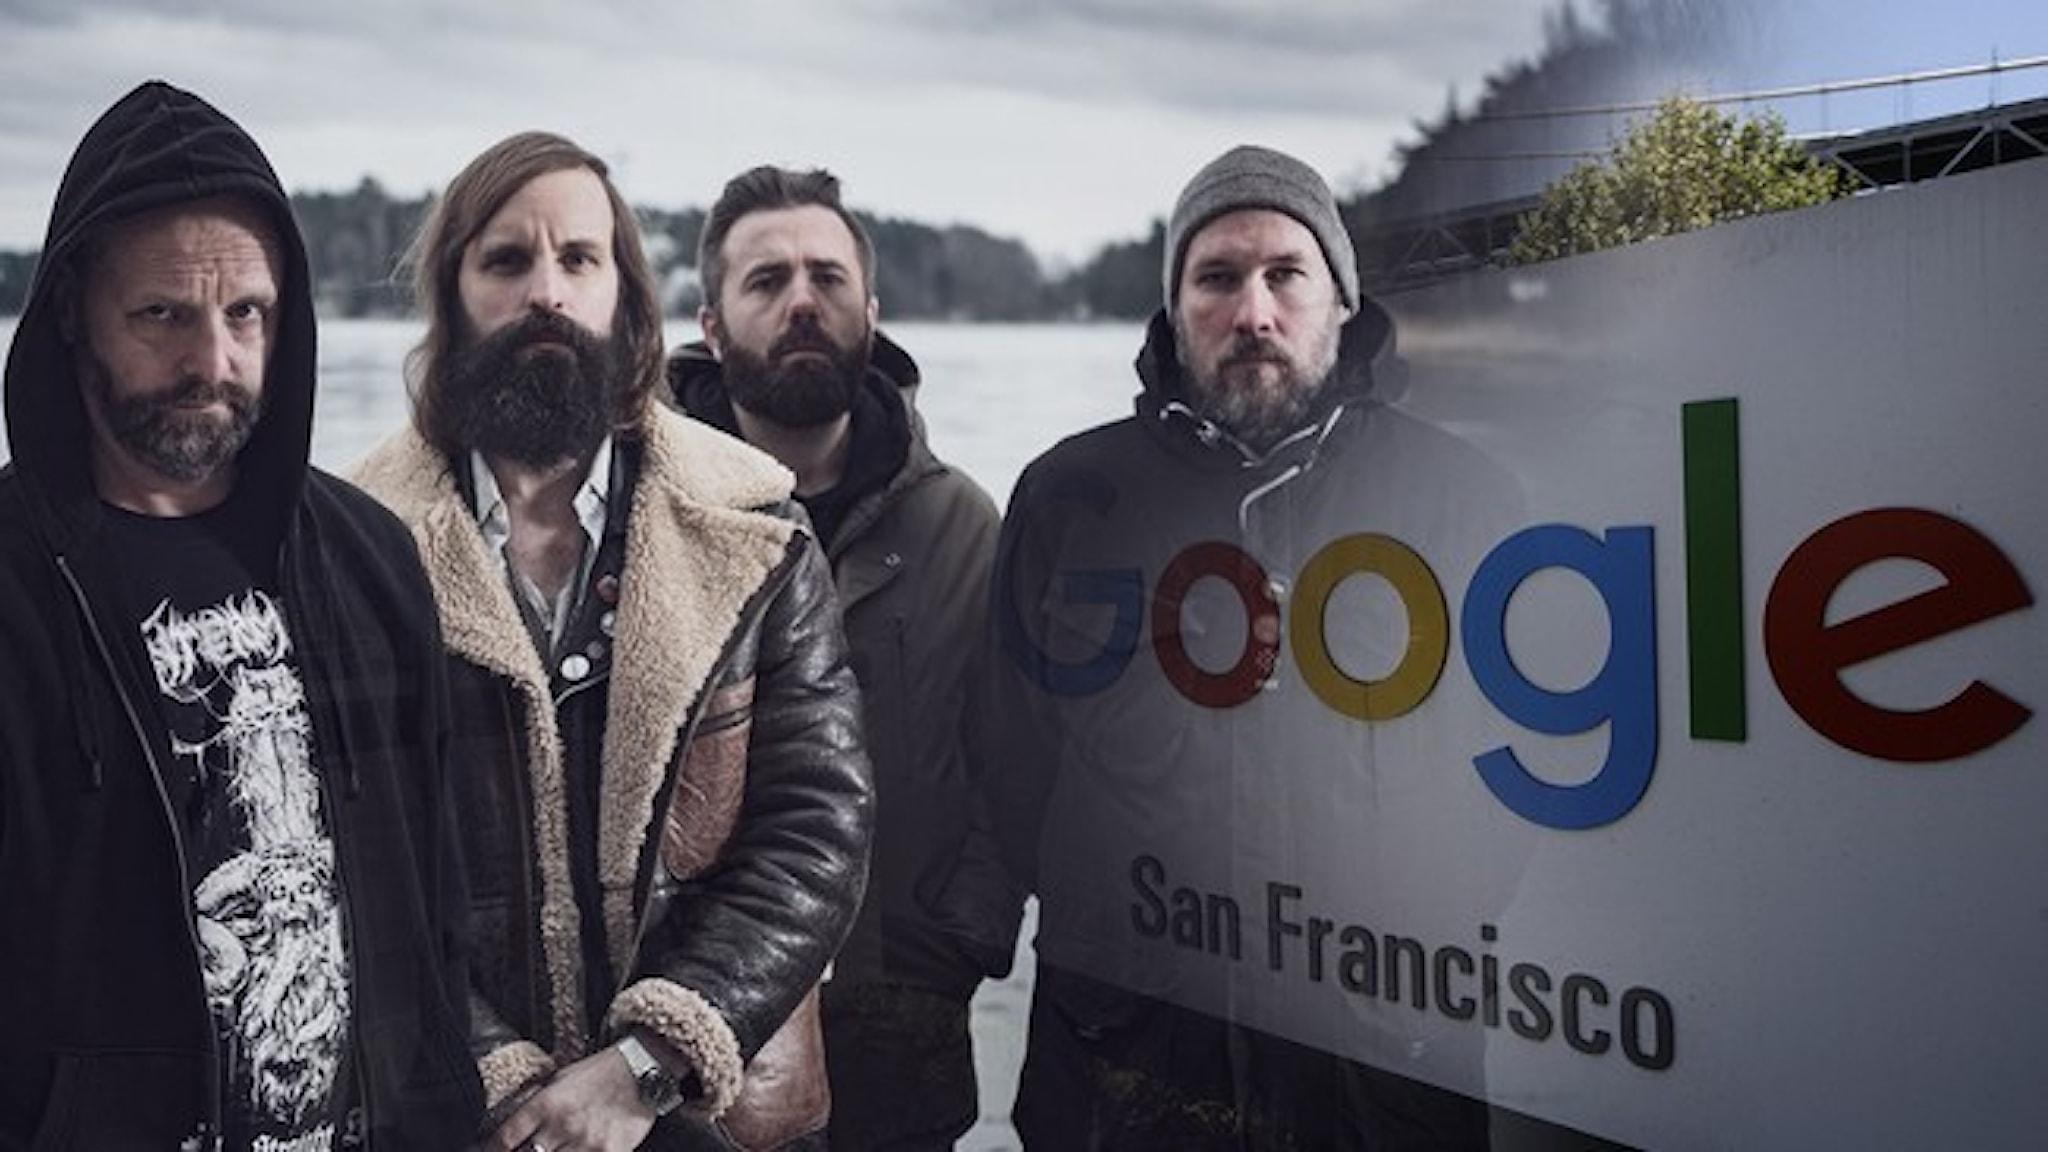 Hårdrockbandet Horndal som smälter samman med en bild av Googles logga.